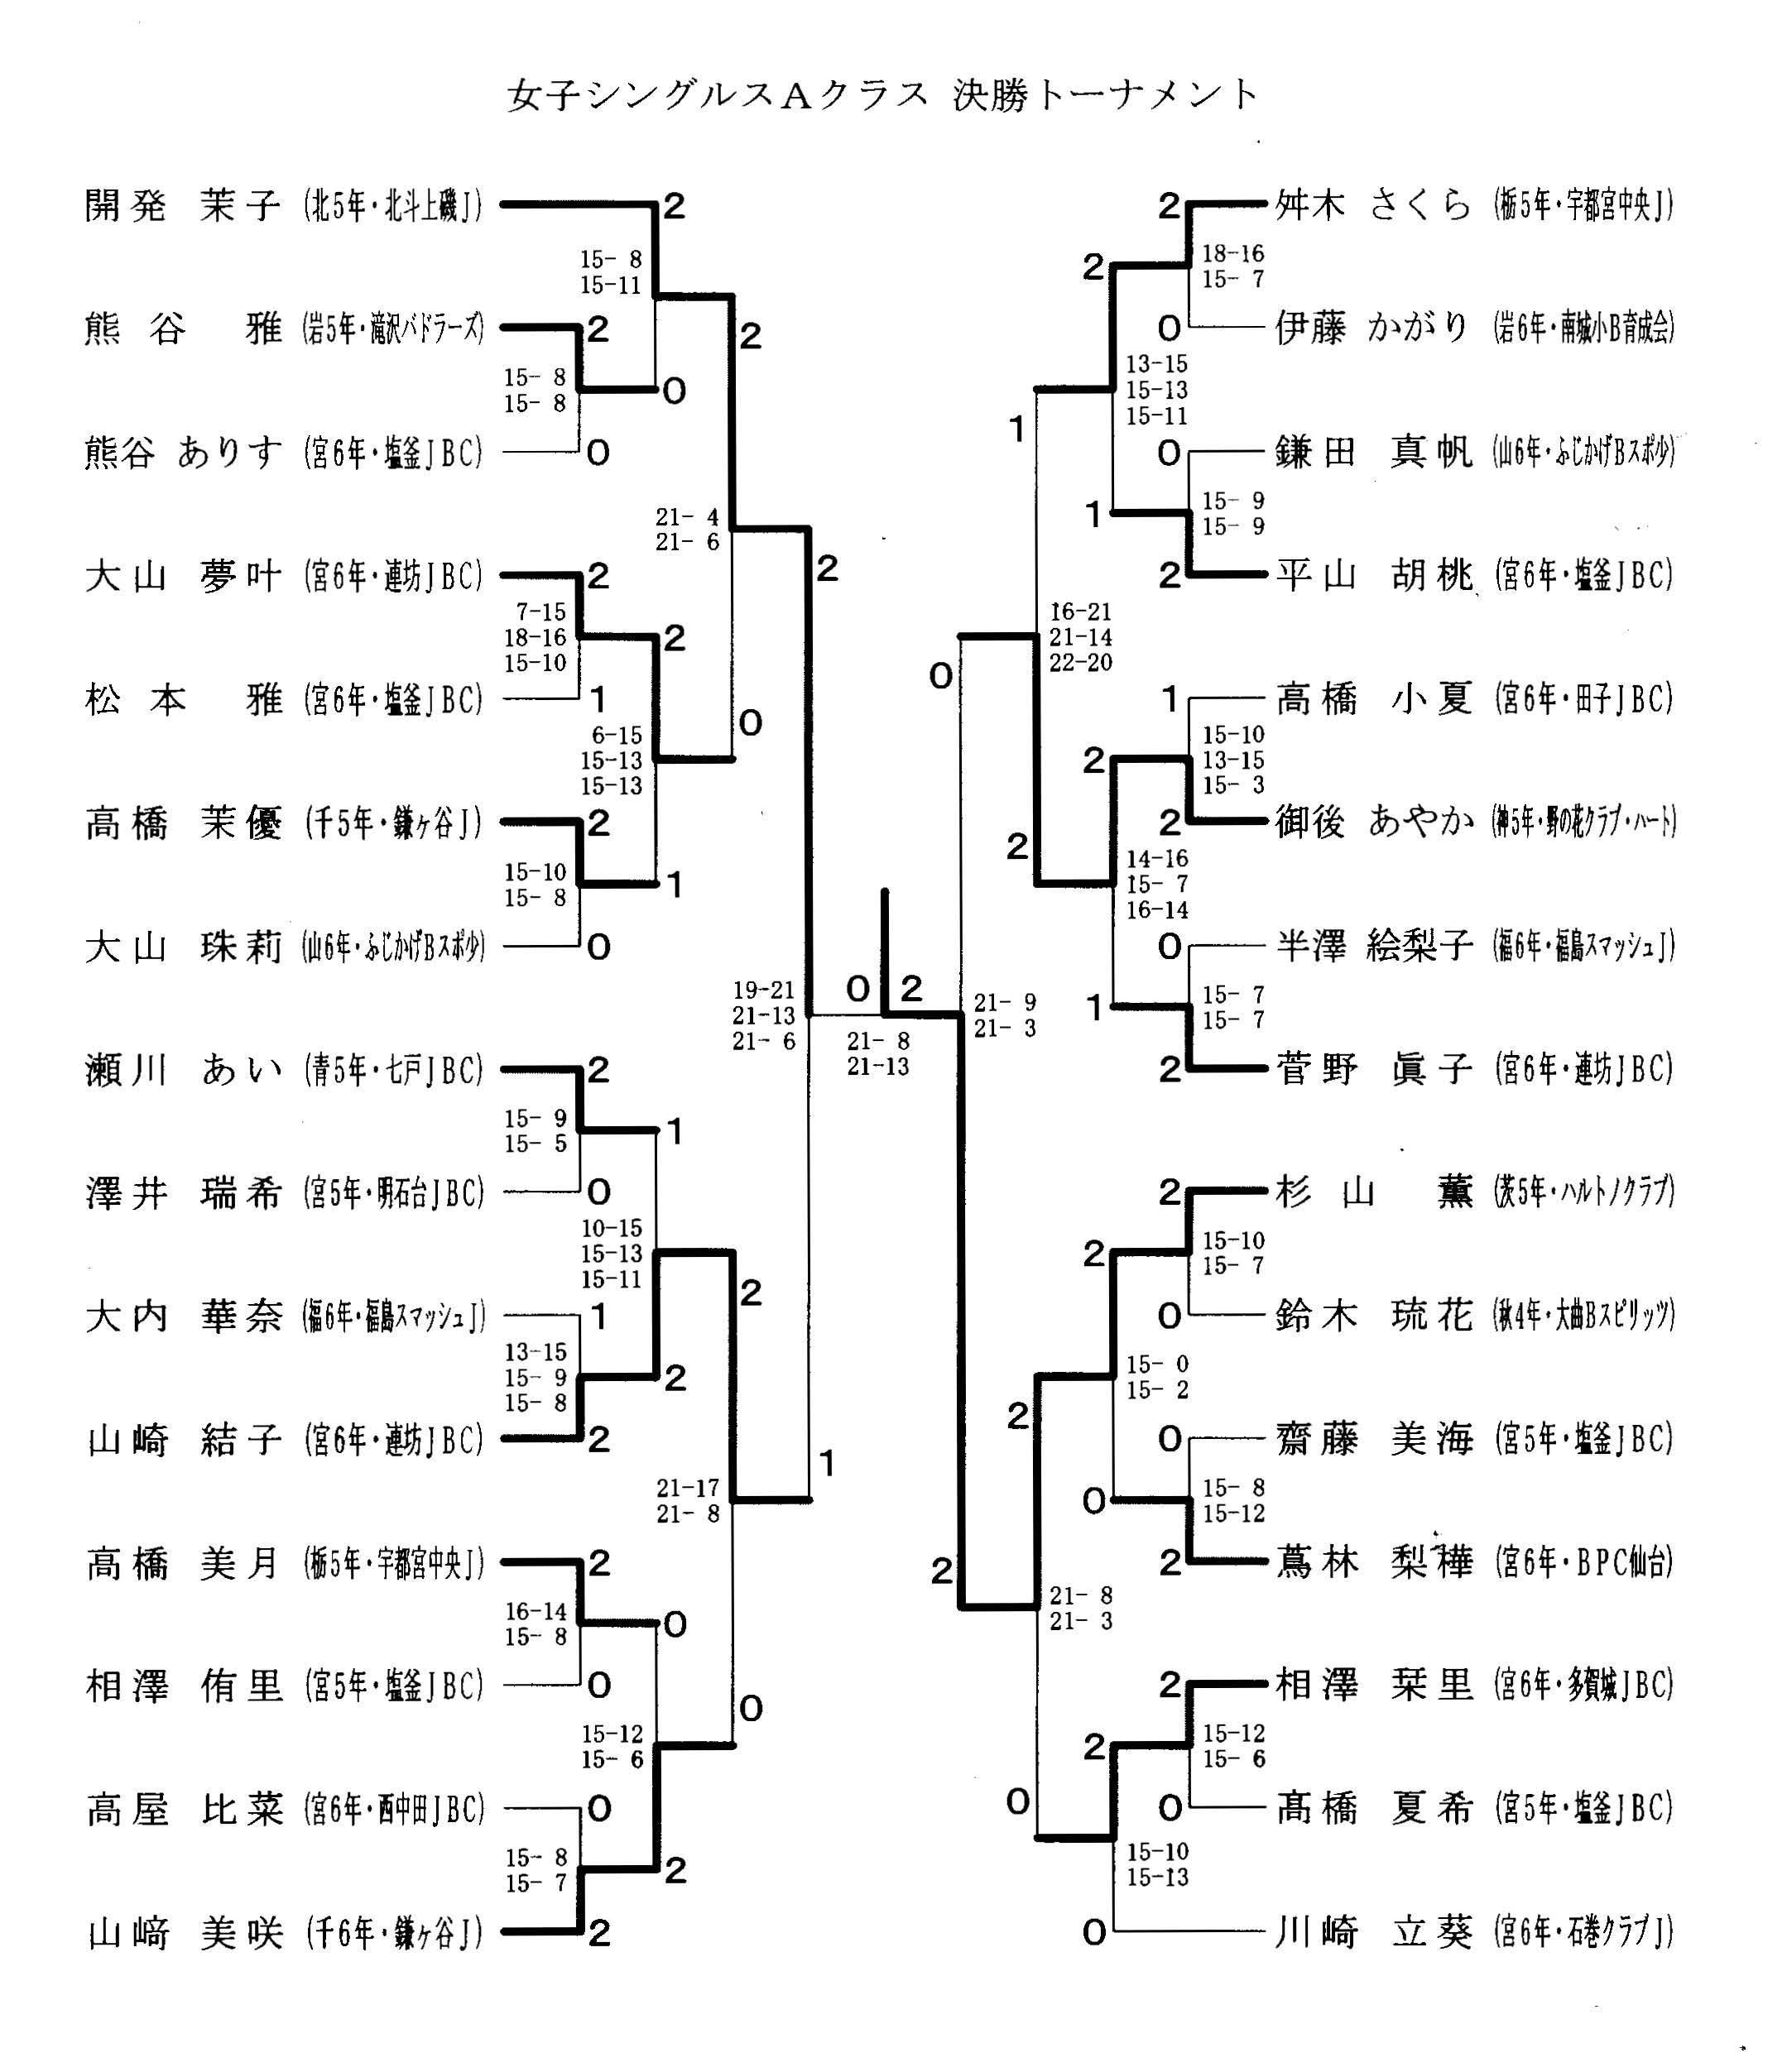 第9回タカハシ杯 結果女子シングルスAクラス_f0236646_15355880.jpg